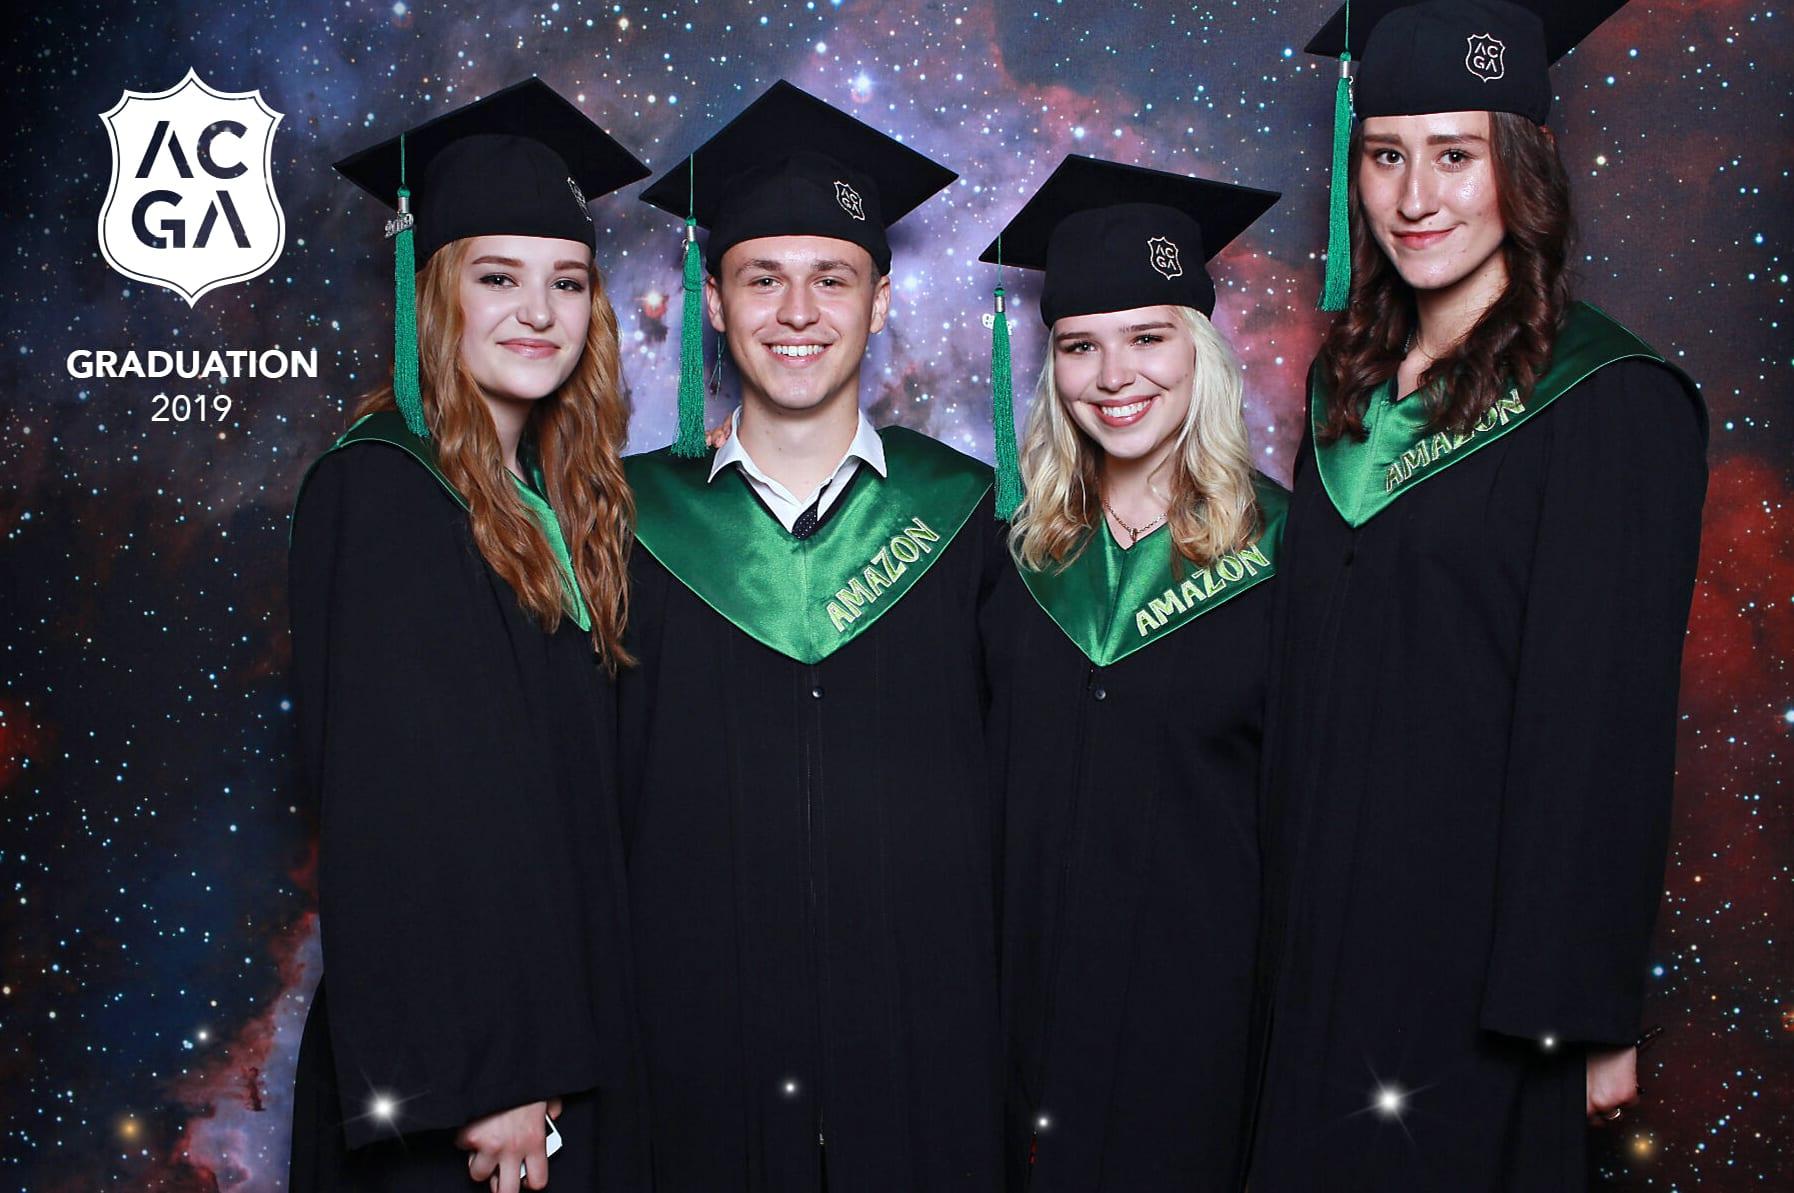 fotokoutek-acga-graduation-7-6-2019-619303